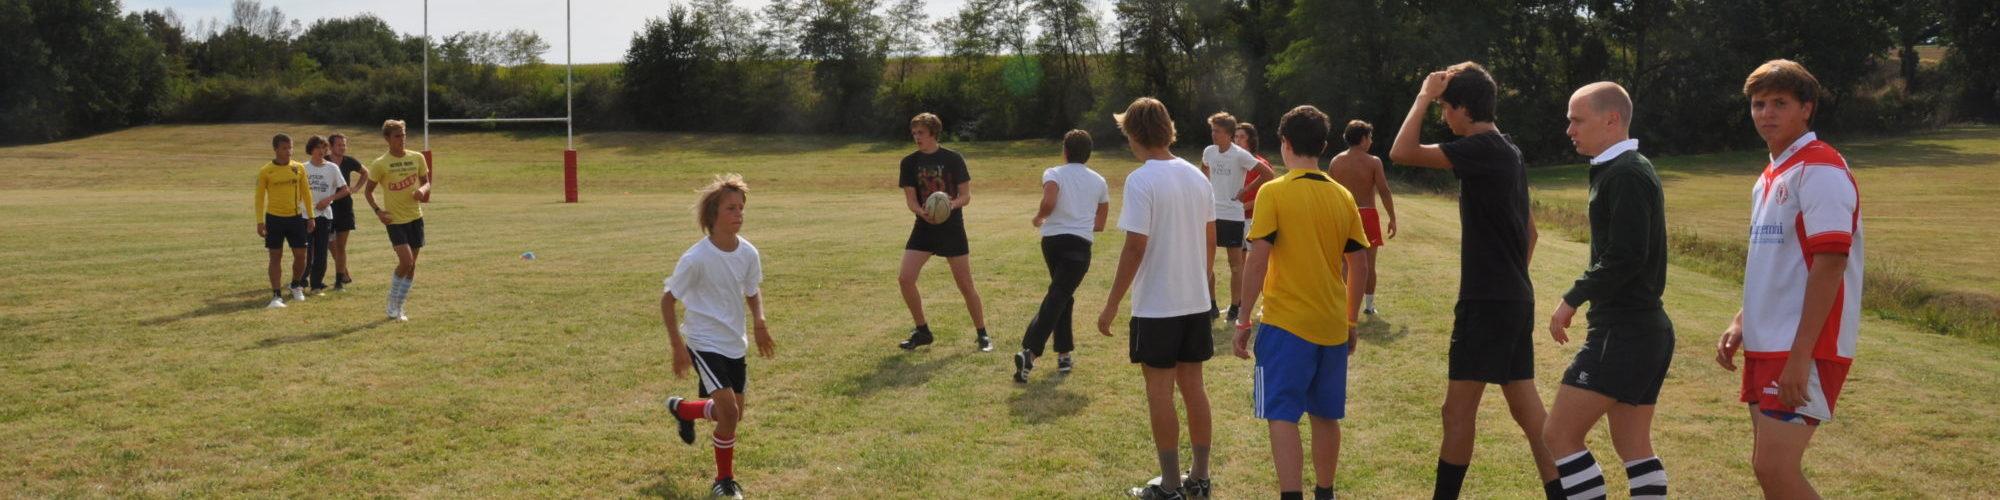 Groupe de jeune en train de faire du sport au chateau vaillant internat college lycee esport